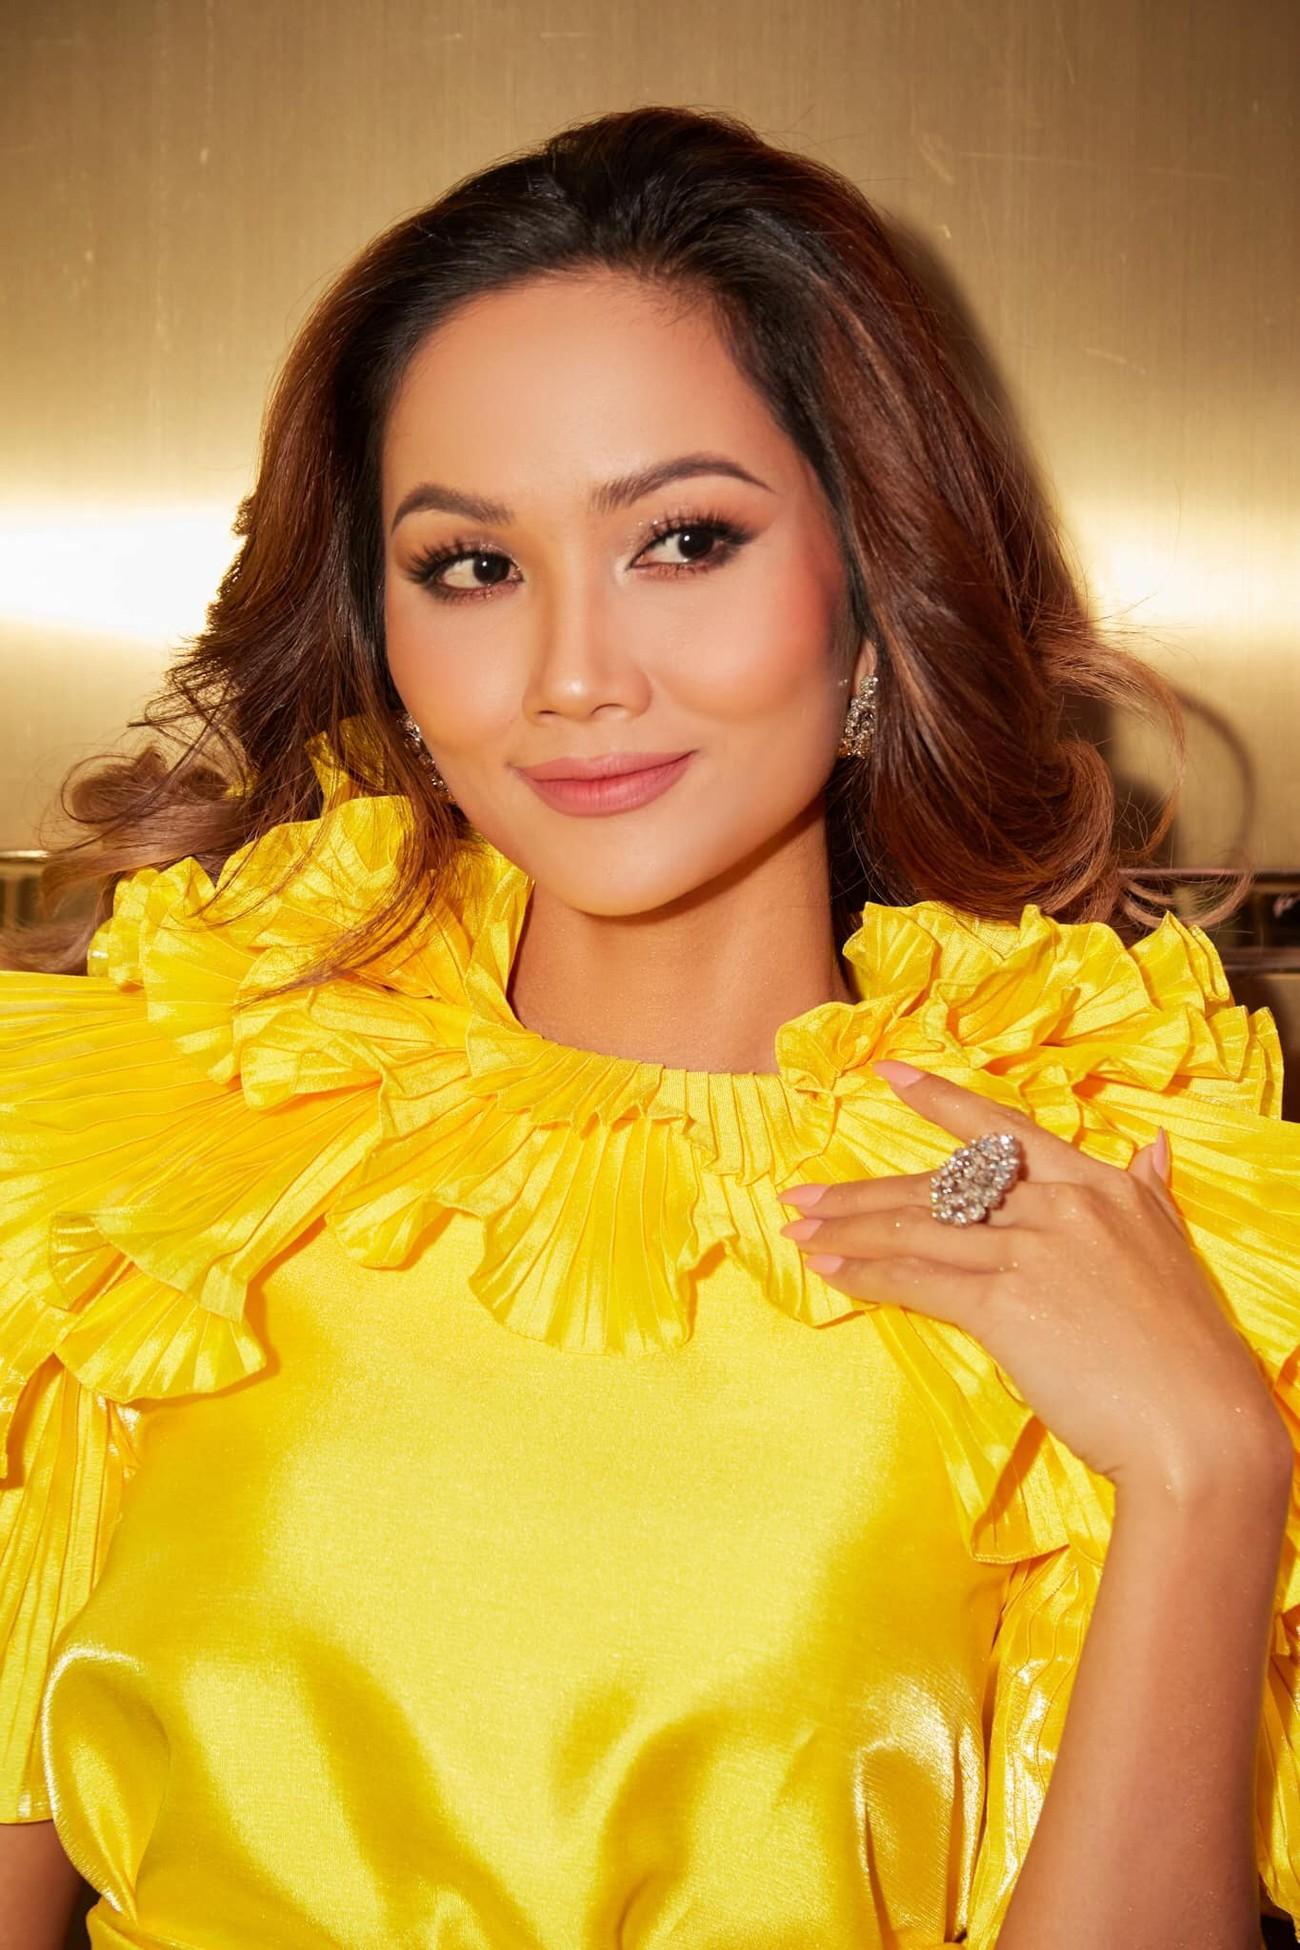 Diện lại sắc vàng từng 'gây bão' ở Miss Universe, H'Hen Niê đẹp rạng rỡ như một đóa hồng ảnh 6